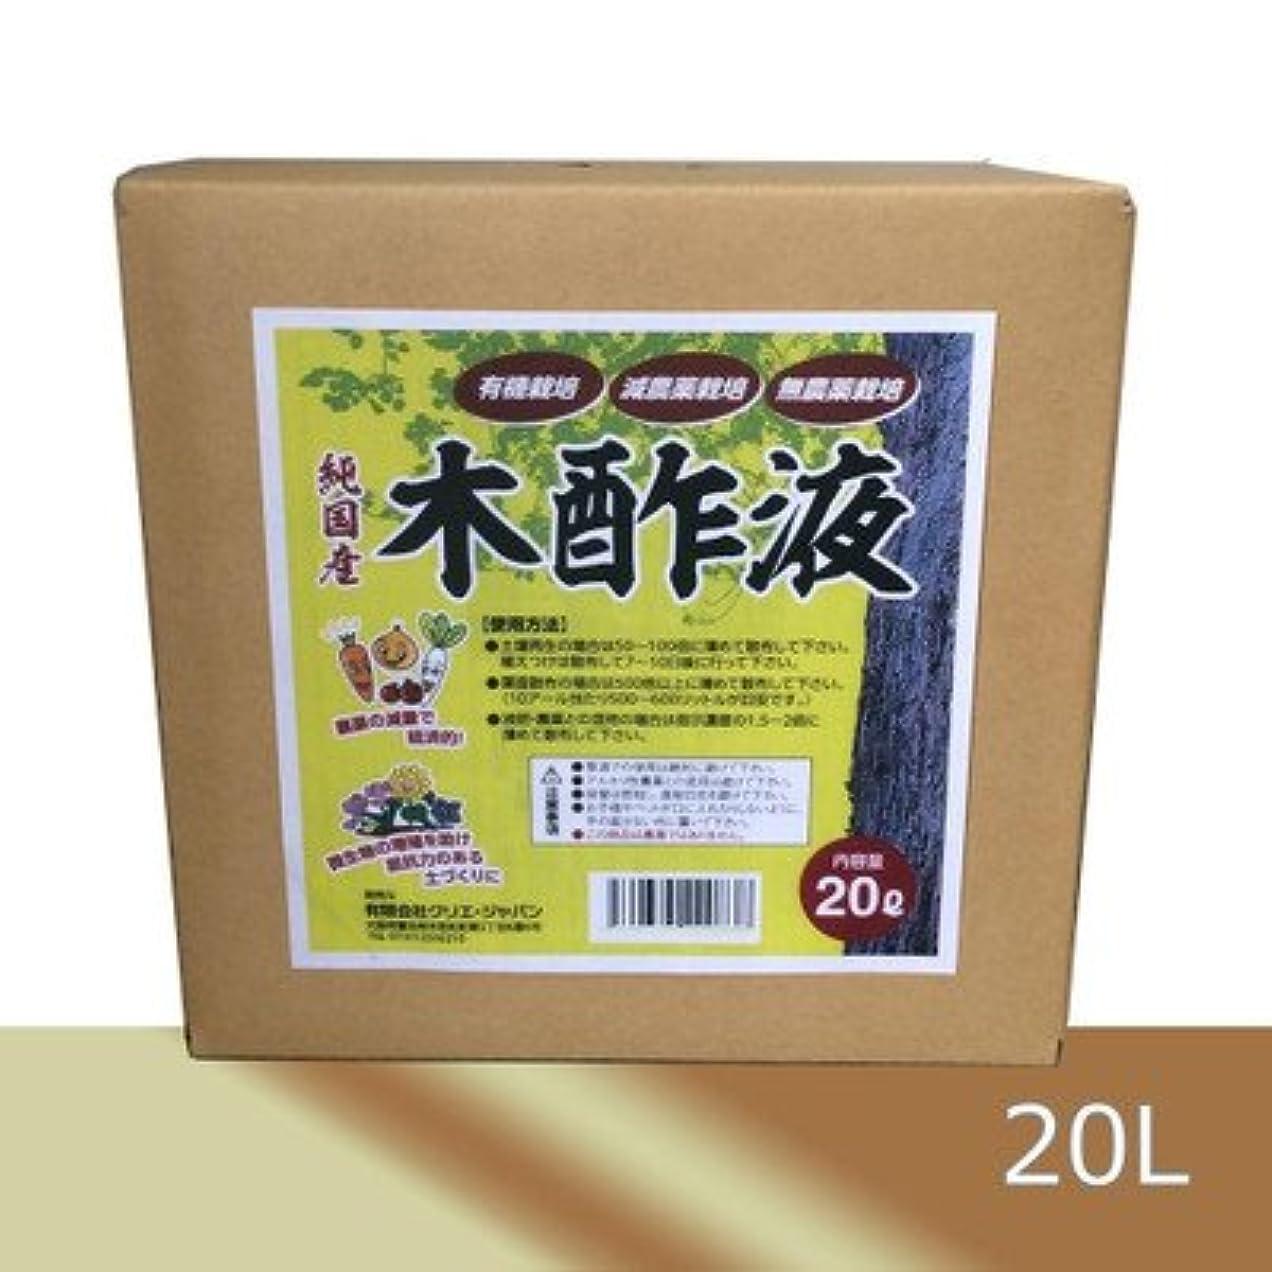 チャーミング対人こどもセンター純国産 木酢液 20L